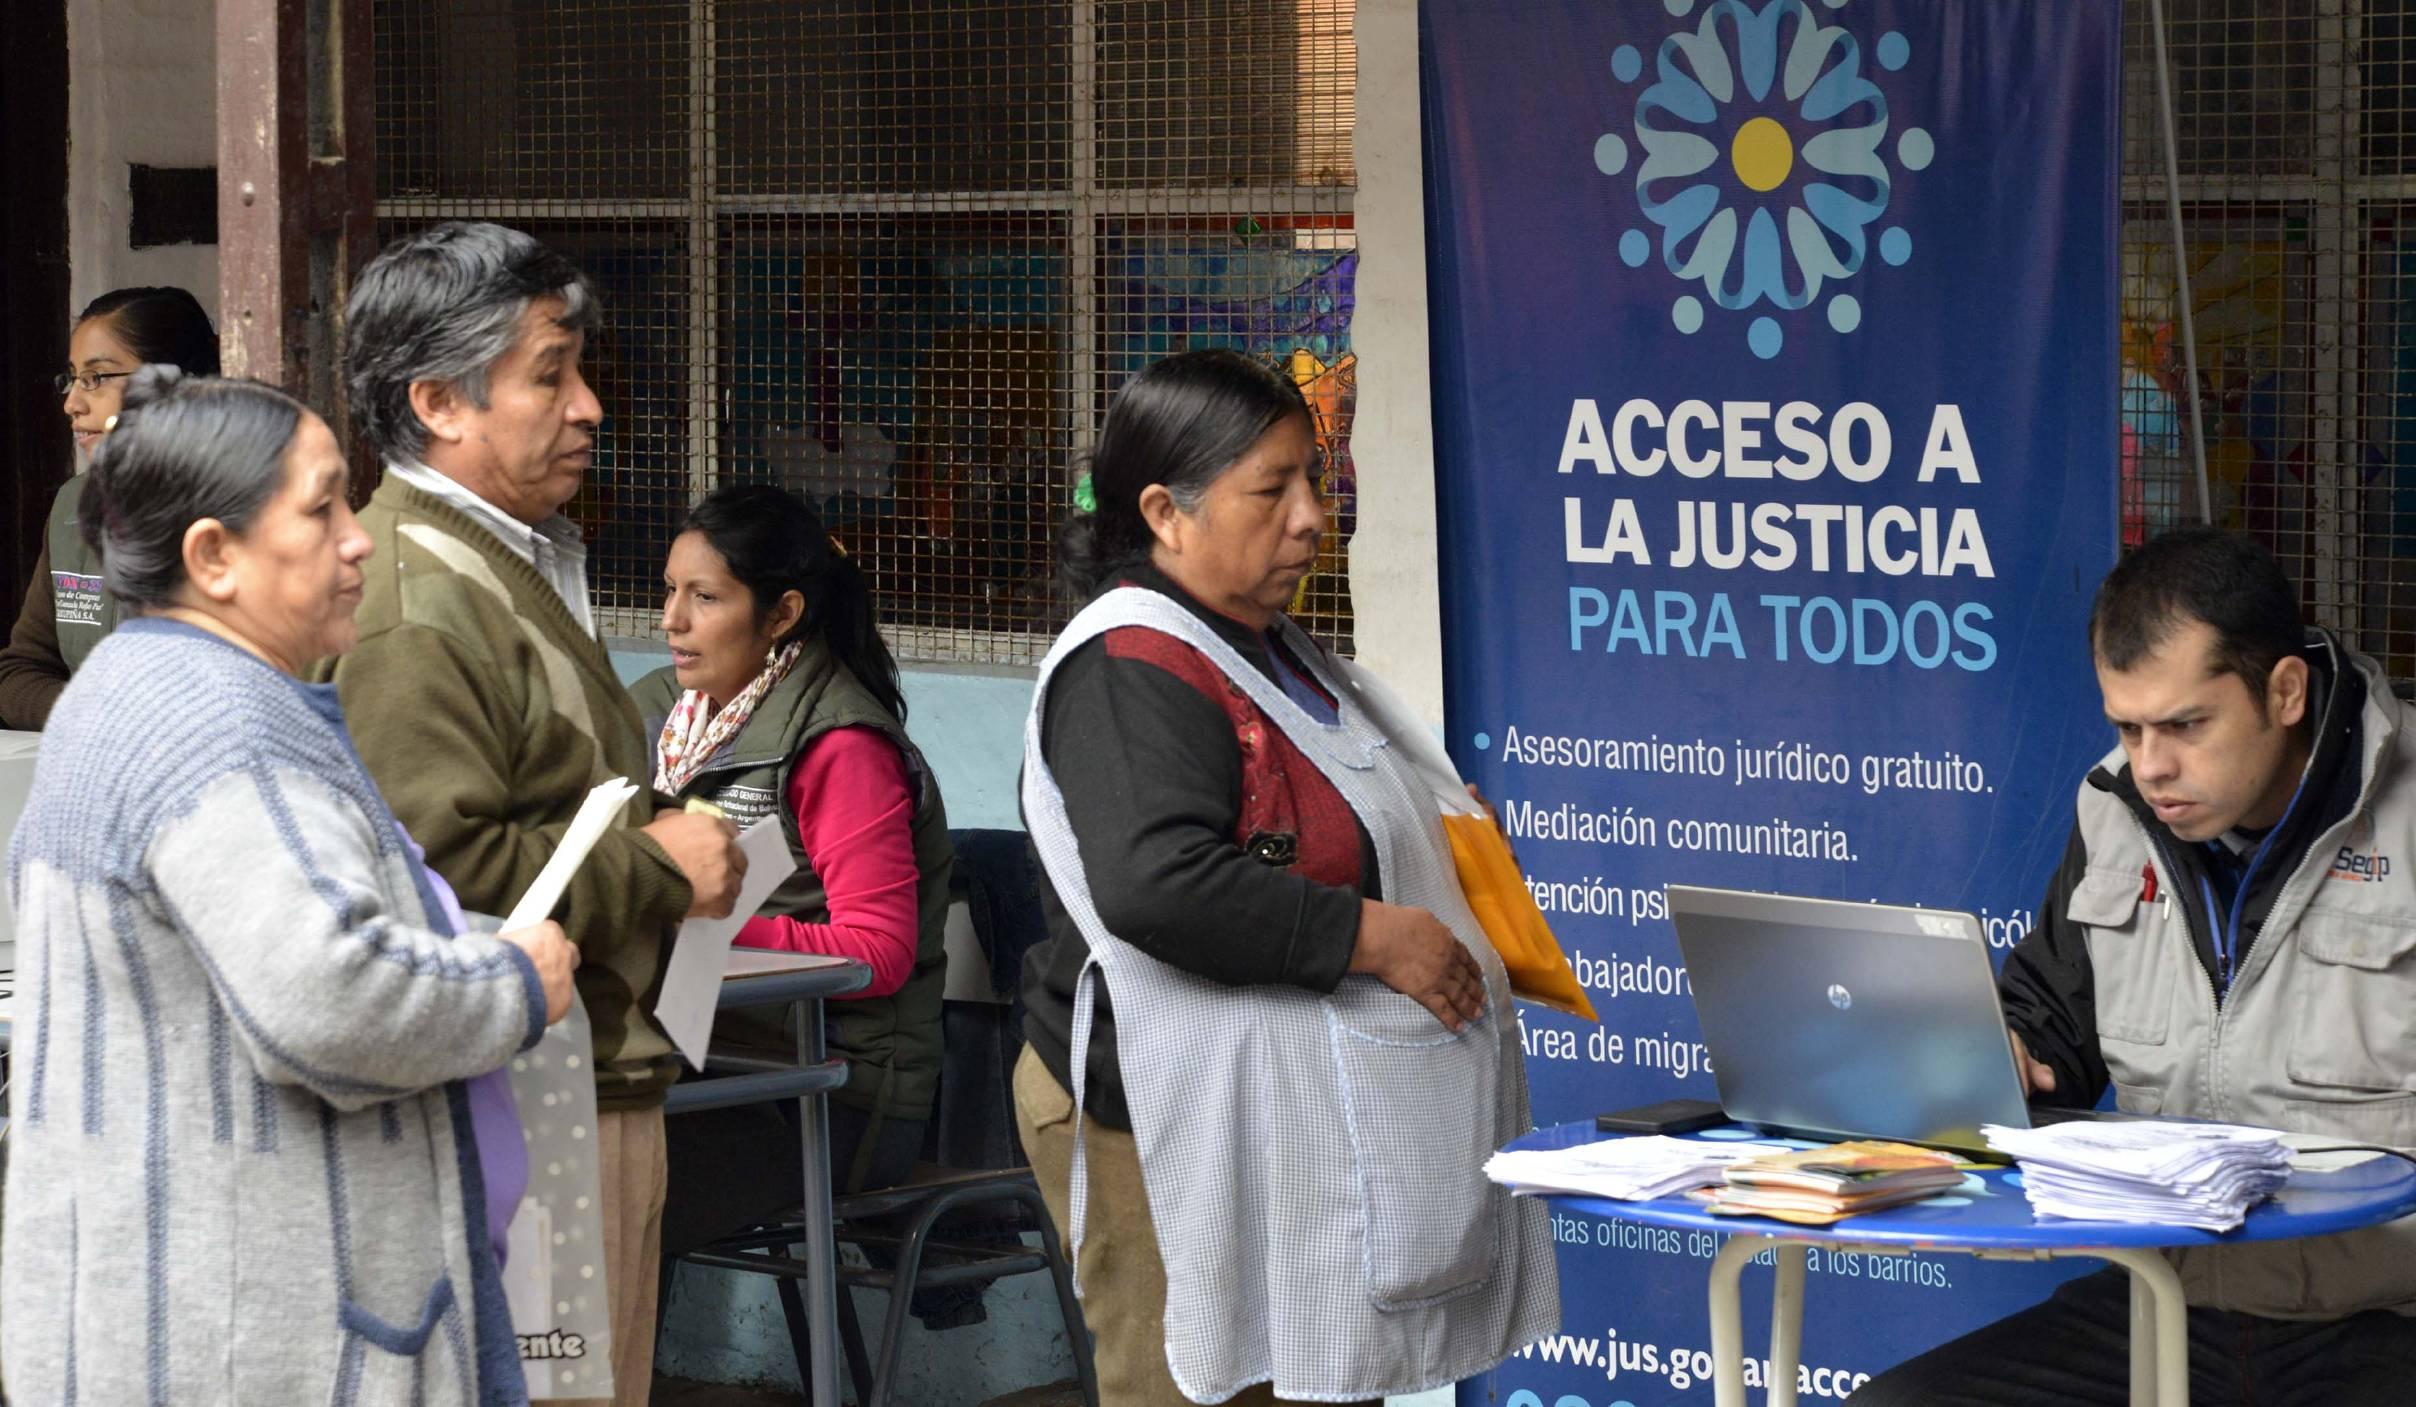 El Ministerio y el Consulado de Bolivia realizaron un operativo de migraciones en la villa 1.11.14 del Bajo Flores de la CABA